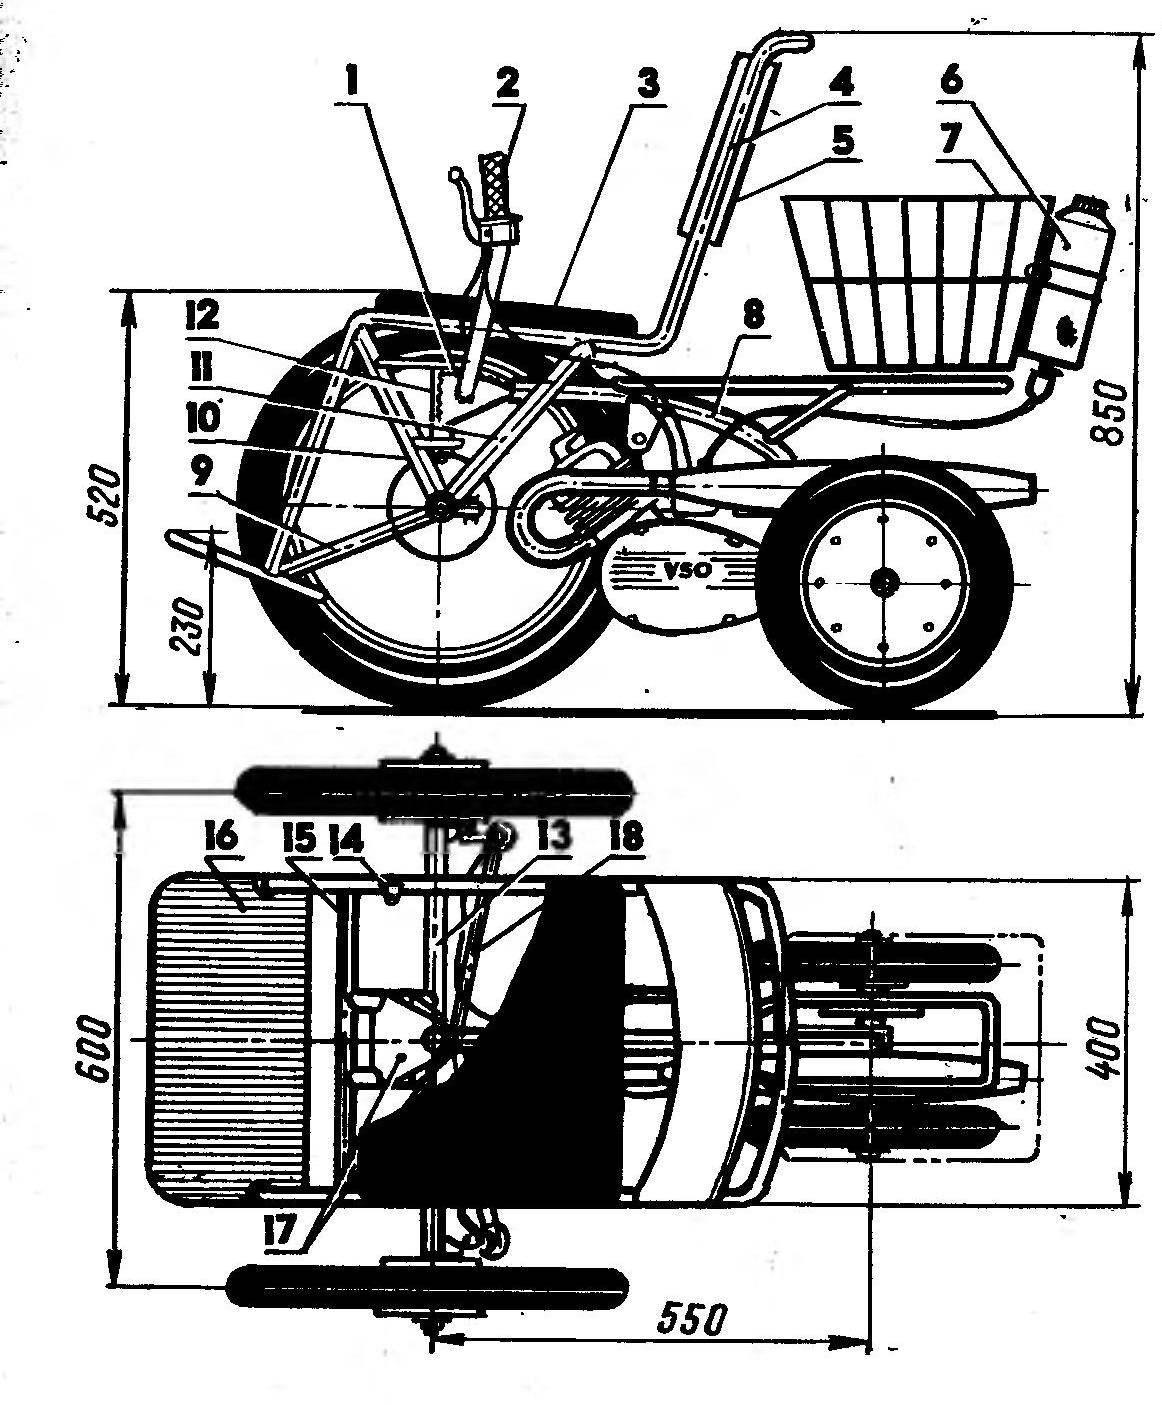 Fig. 1. Wheelchair motociclo